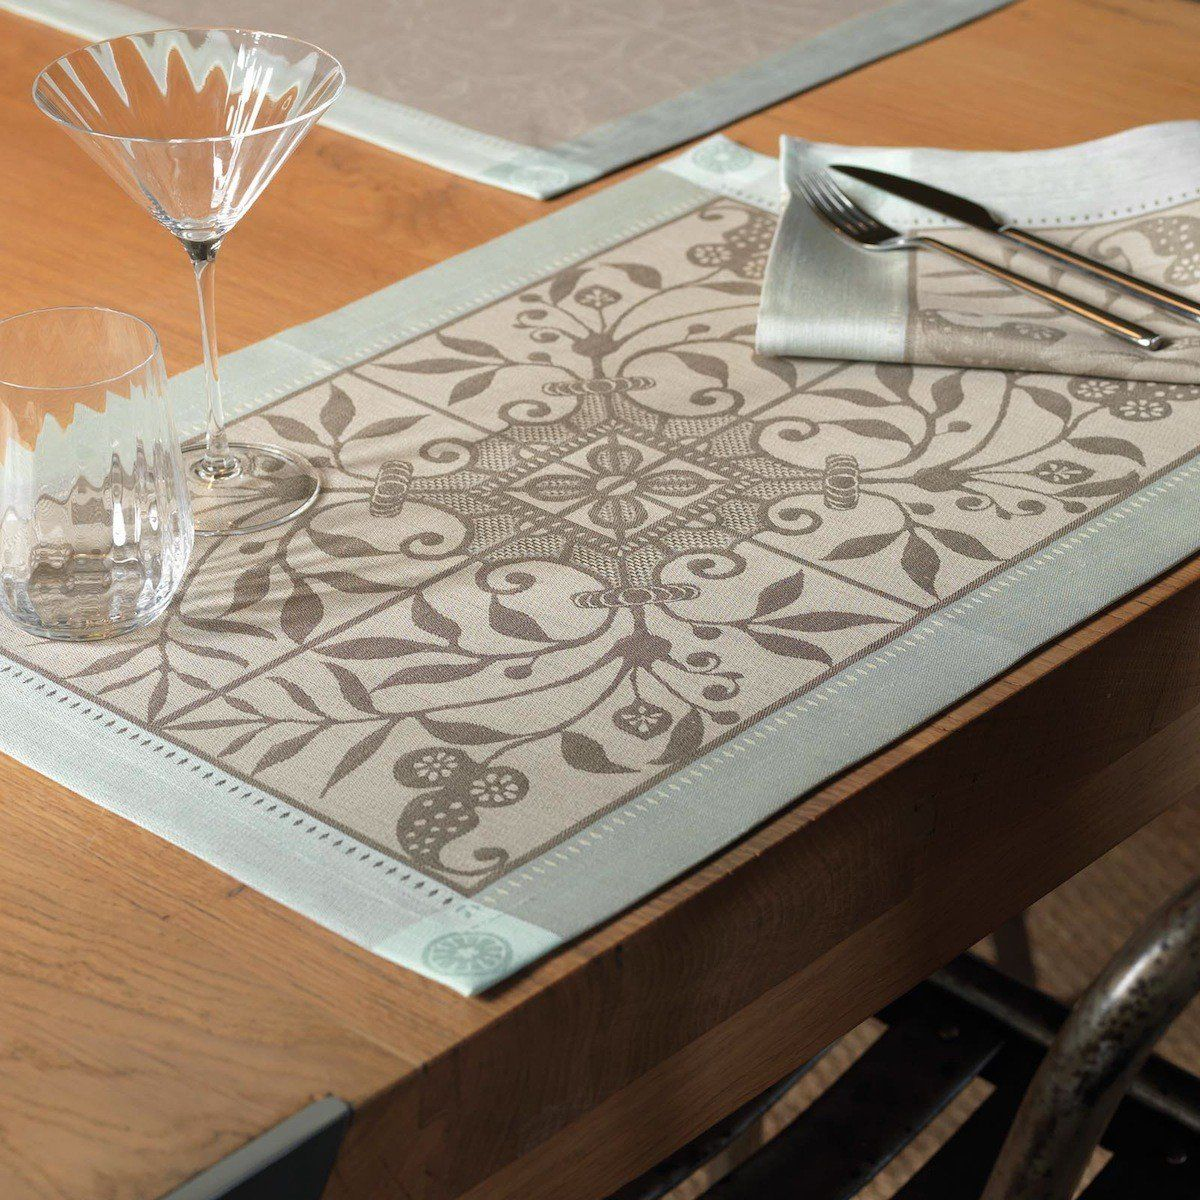 Podkładka żakardowa na stół Le Jacquard Fran ais Venezia - 2 kolory